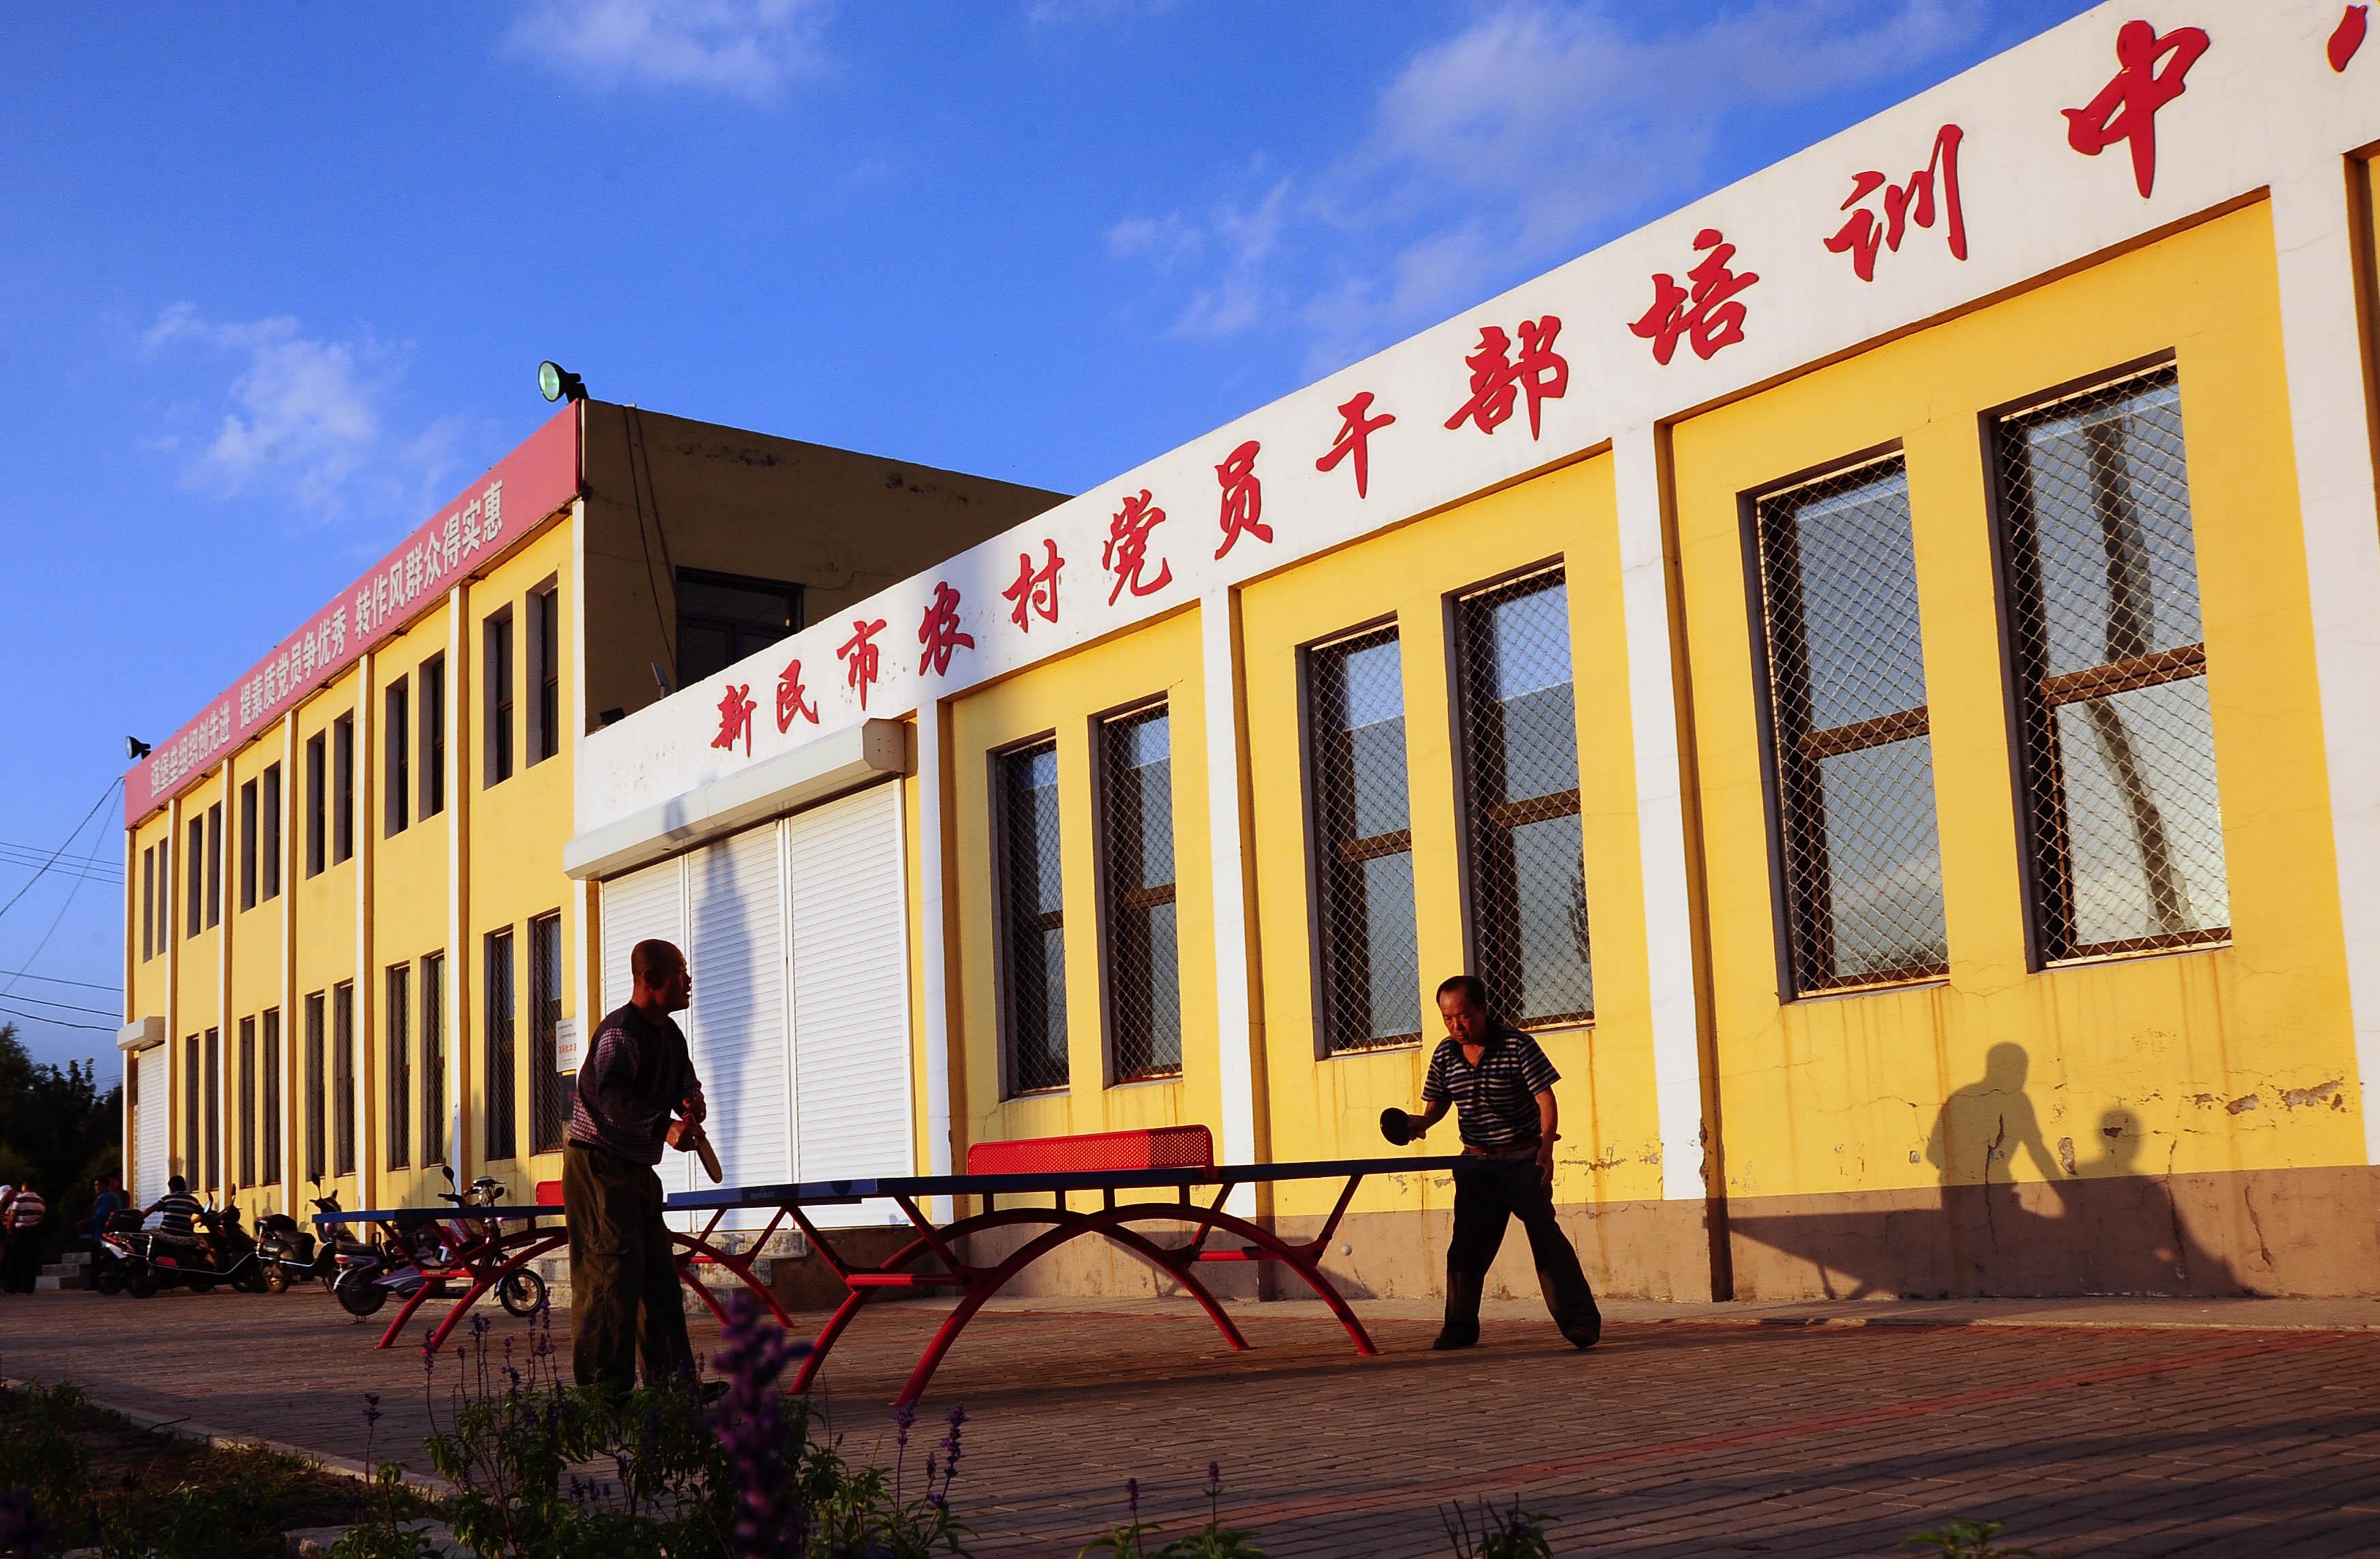 中共沈阳新民市周坨子镇委员会 | 党建引领致富,打赢脱贫攻坚战